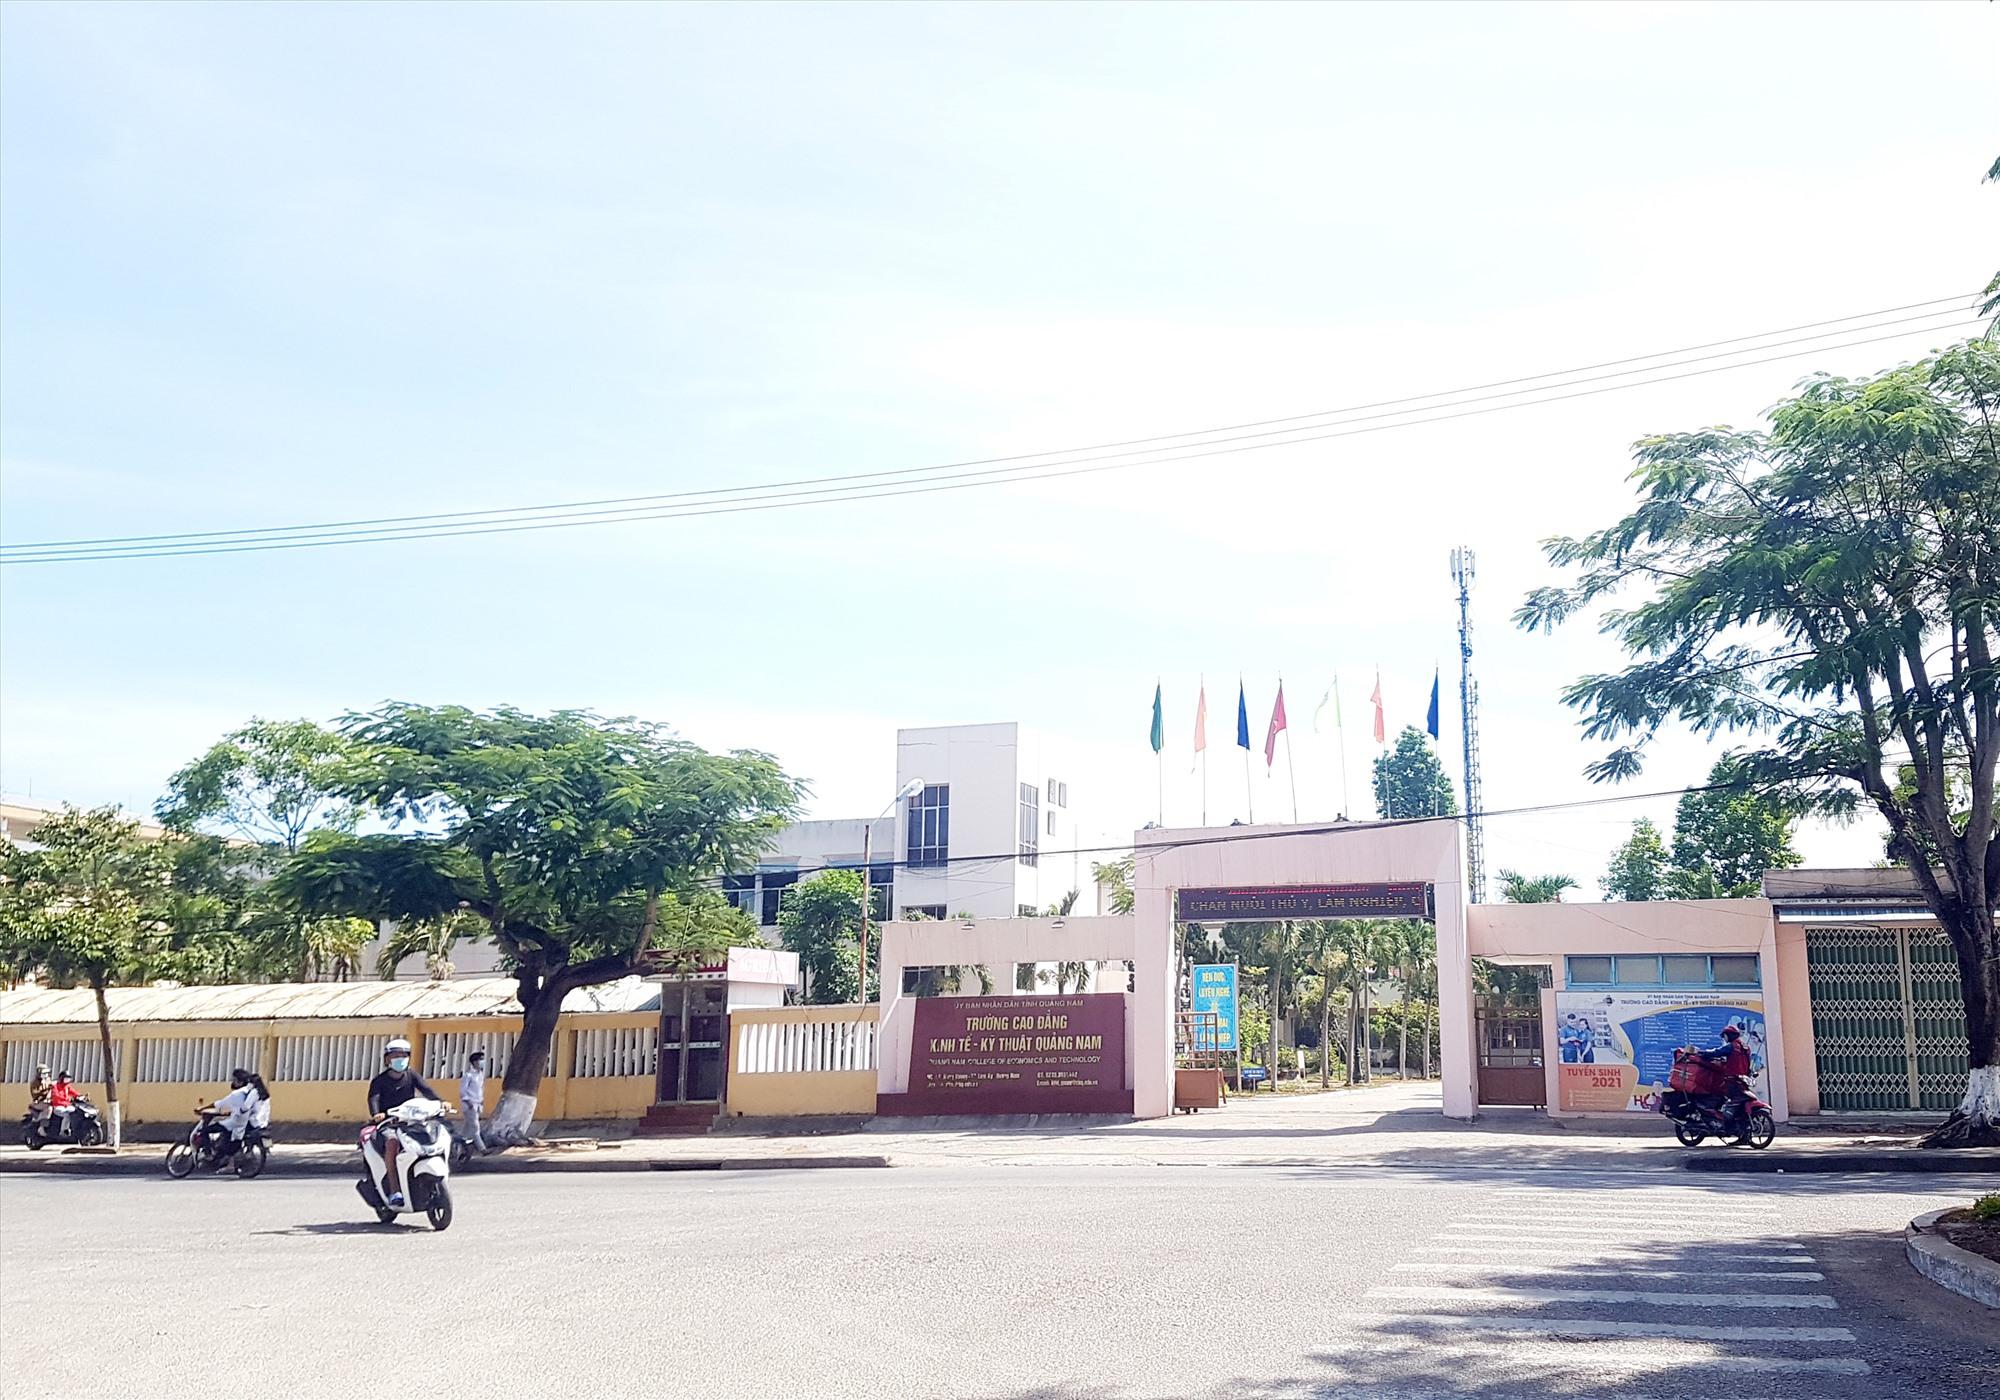 Trụ sở chính của Trường Cao đẳng Quảng Nam là cơ sở của Trường Cao đẳng Kinh tế - kỹ thuật hiện nay. Ảnh: D.L